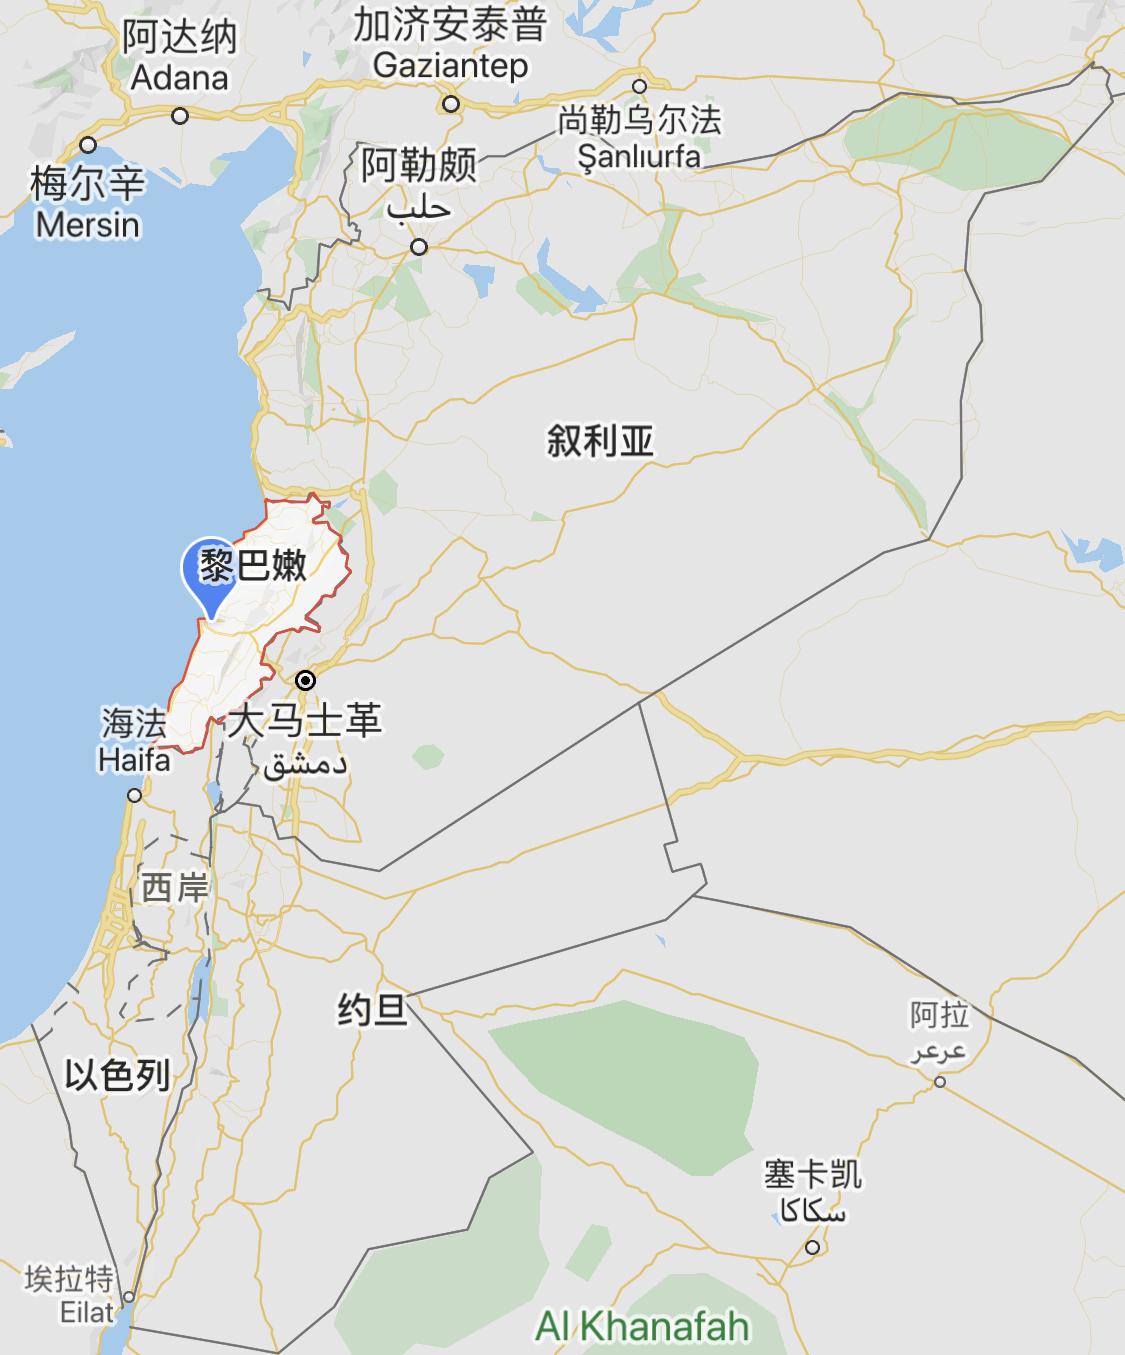 △地图中黎巴嫩、以色列和叙利亚的位置